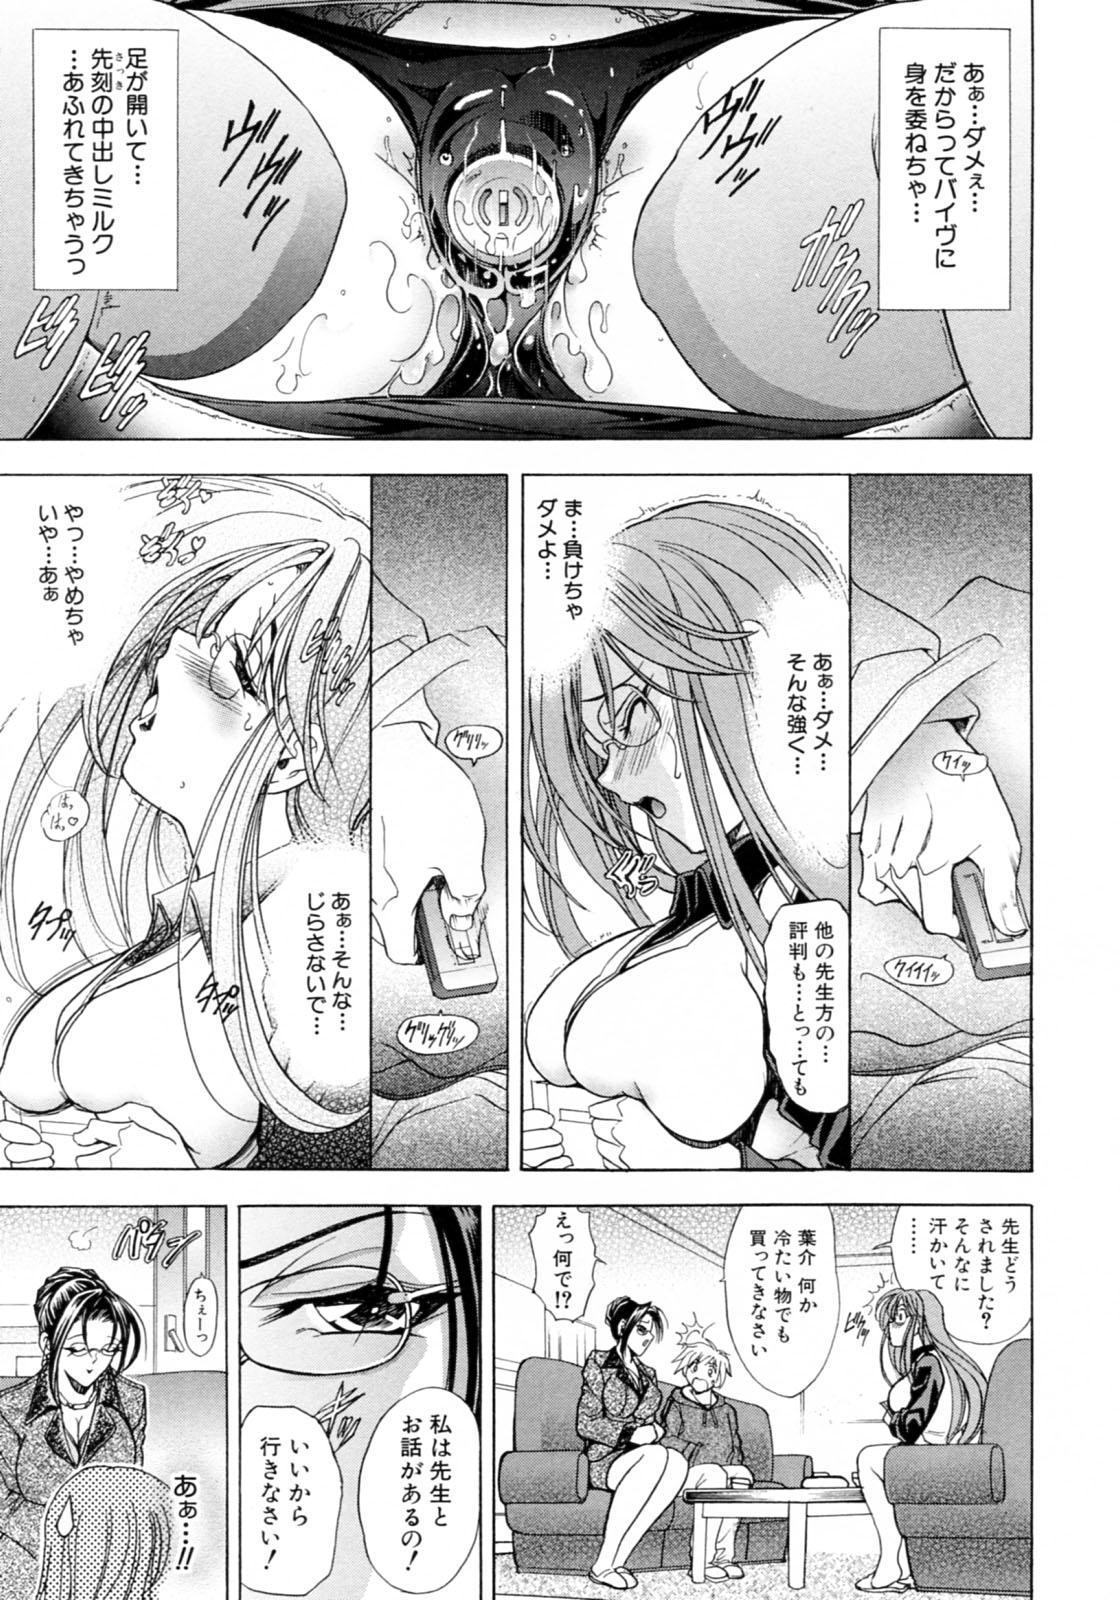 Kinsoku Shikou 8